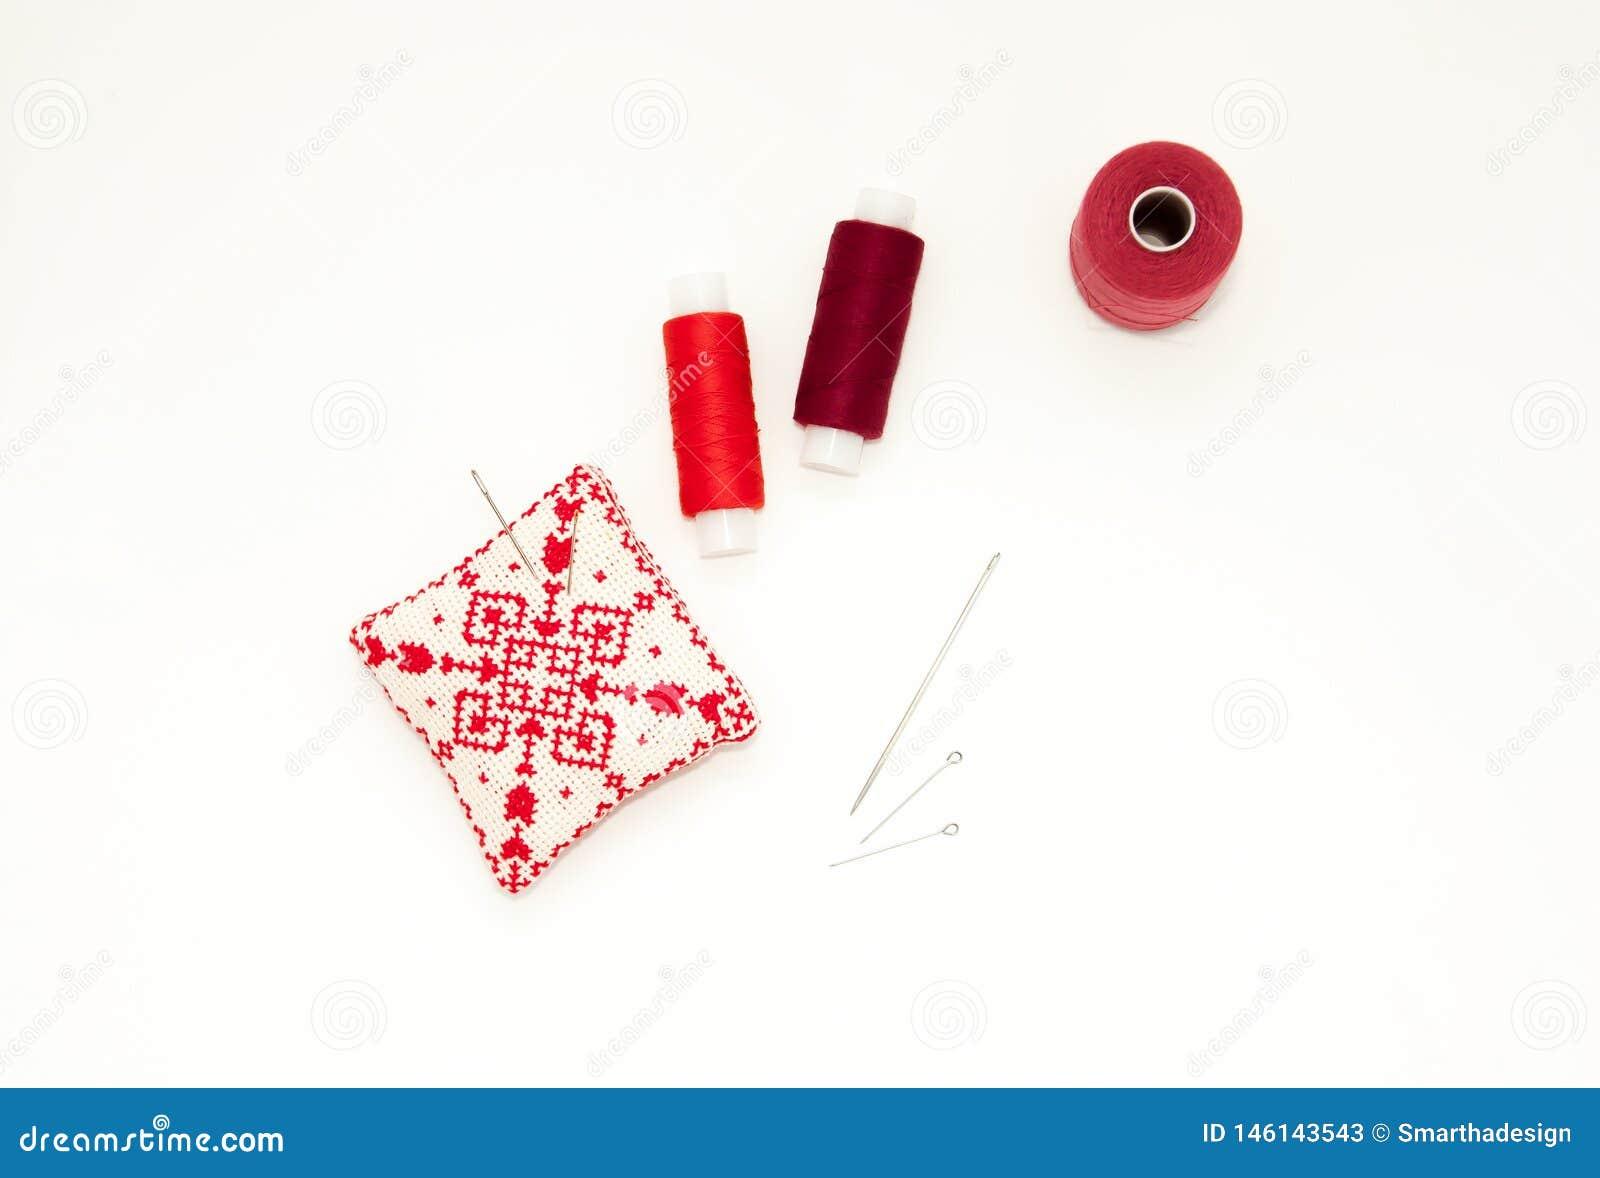 Επίπεδος βάλτε με το χειροποίητο κόκκινο κεντημένο μαξιλάρι βελόνων, στροφία νημάτων, καρφίτσες, βελόνες, χλεύη επάνω, τοπ άποψη